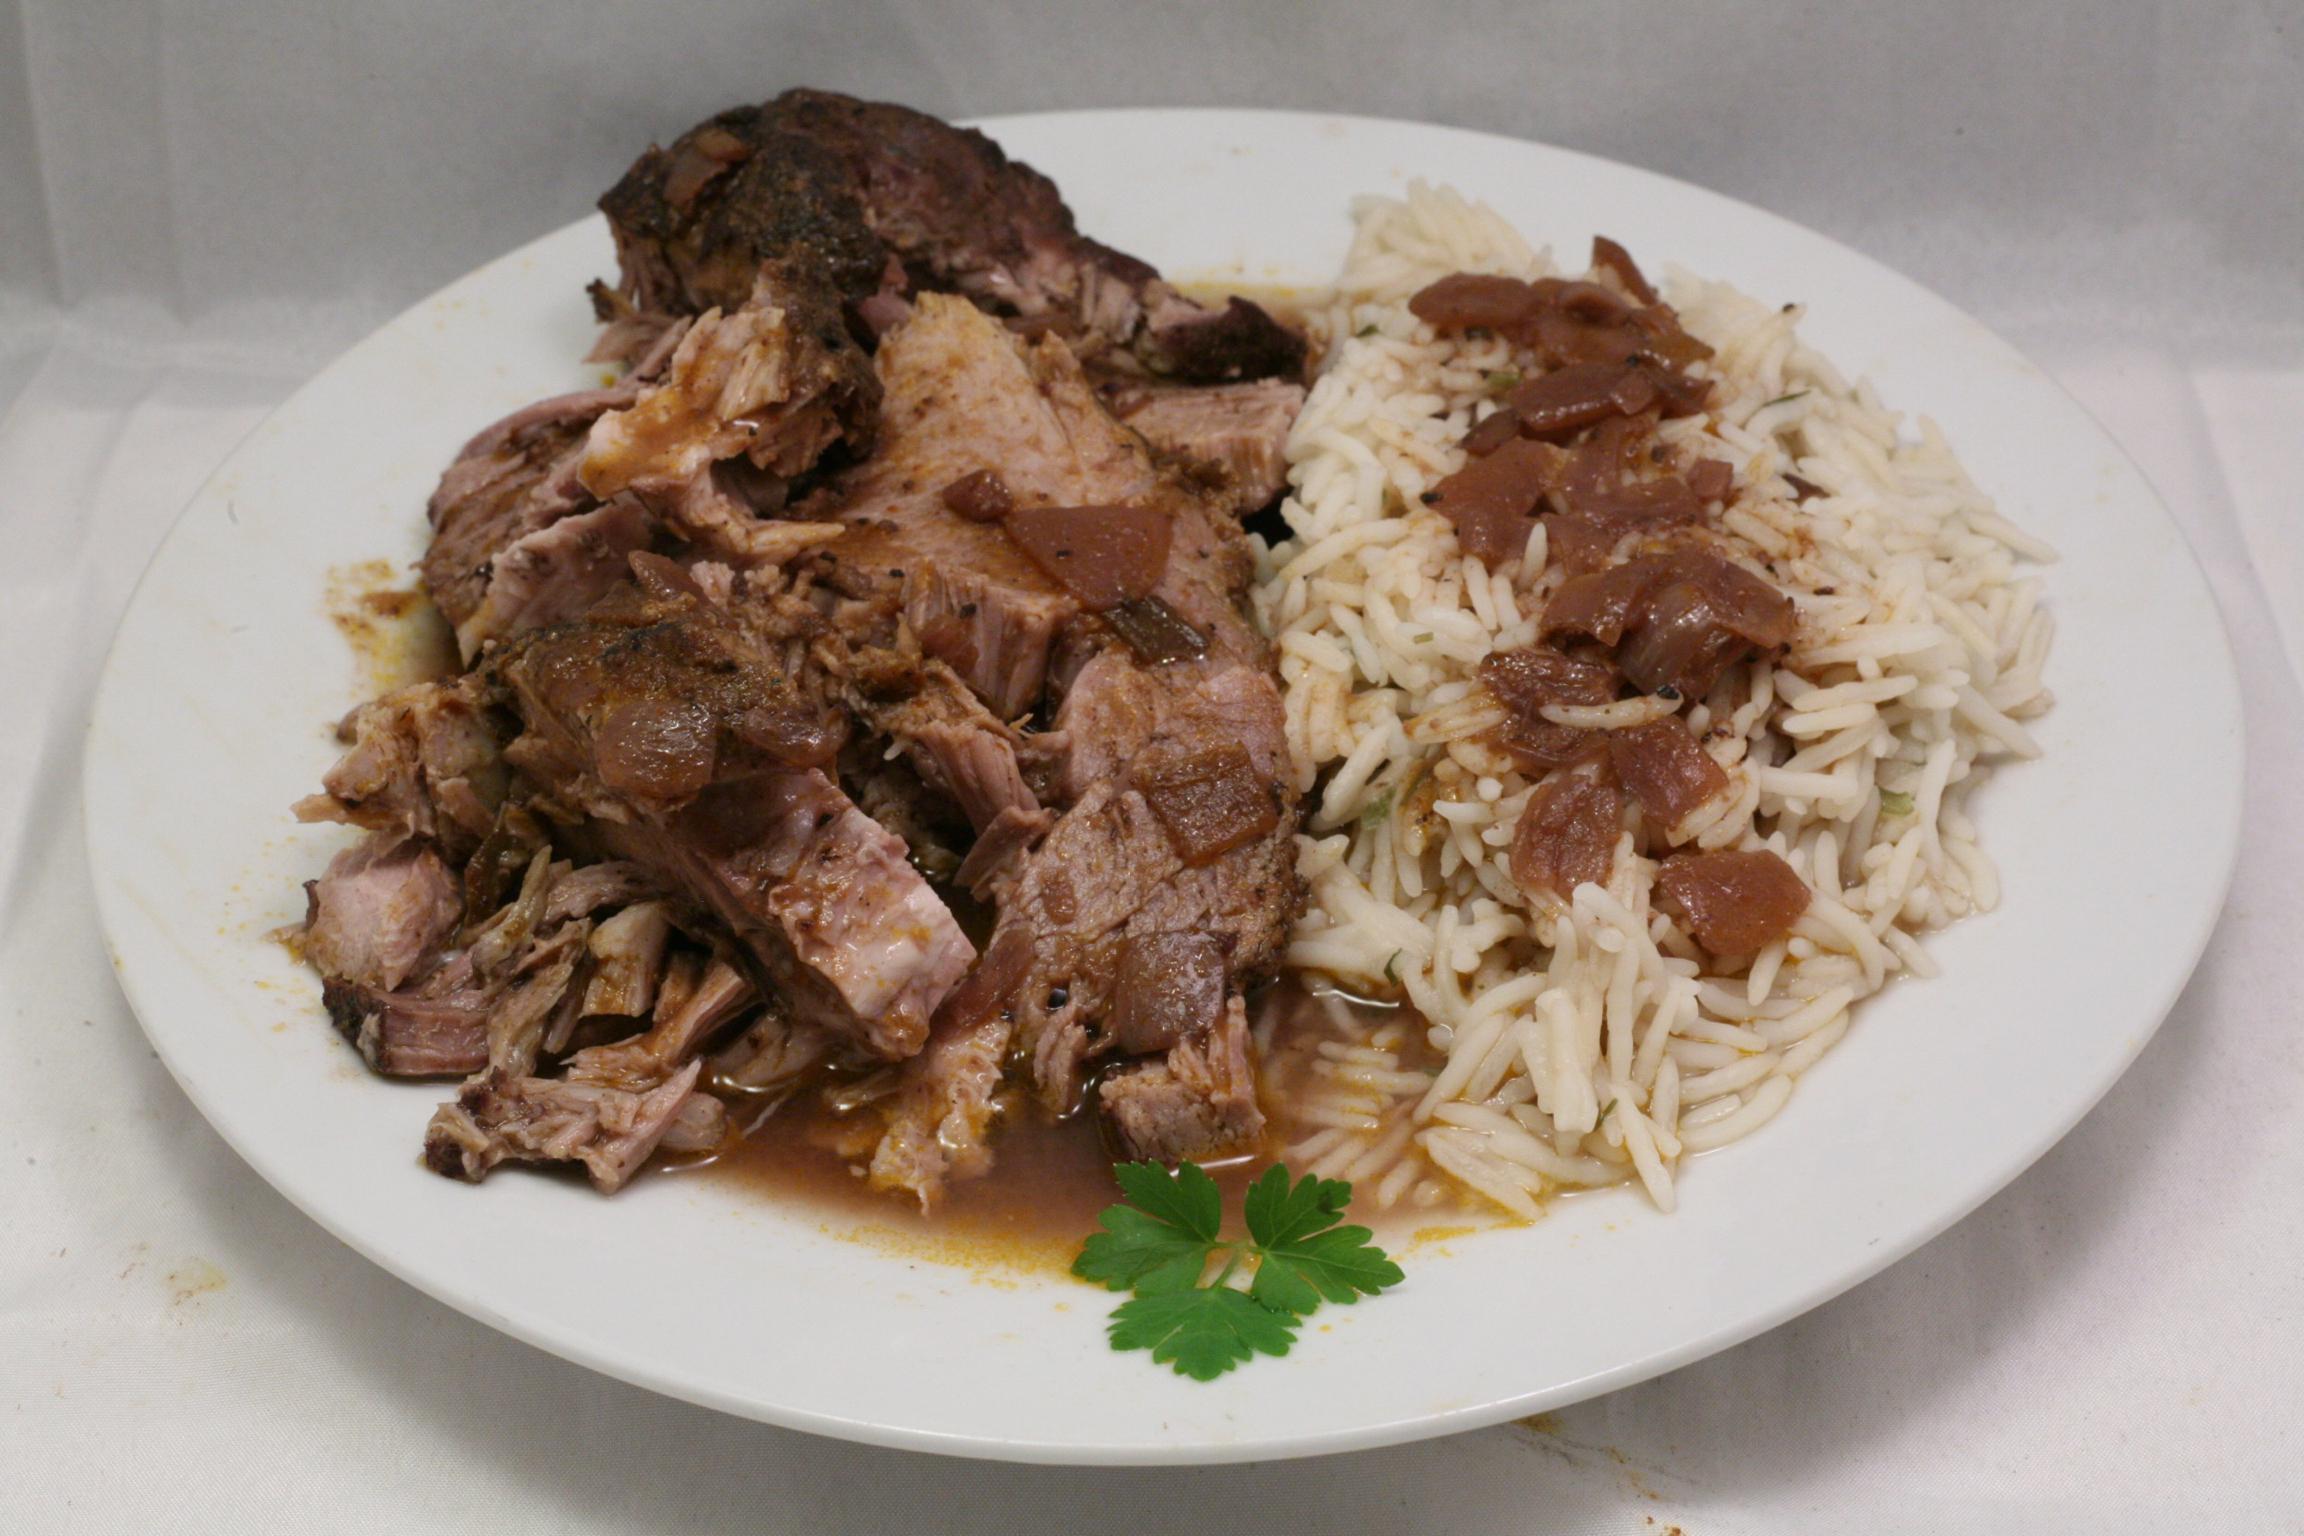 Nackenbraten in dunkler Sauce mit Basmati-Reis